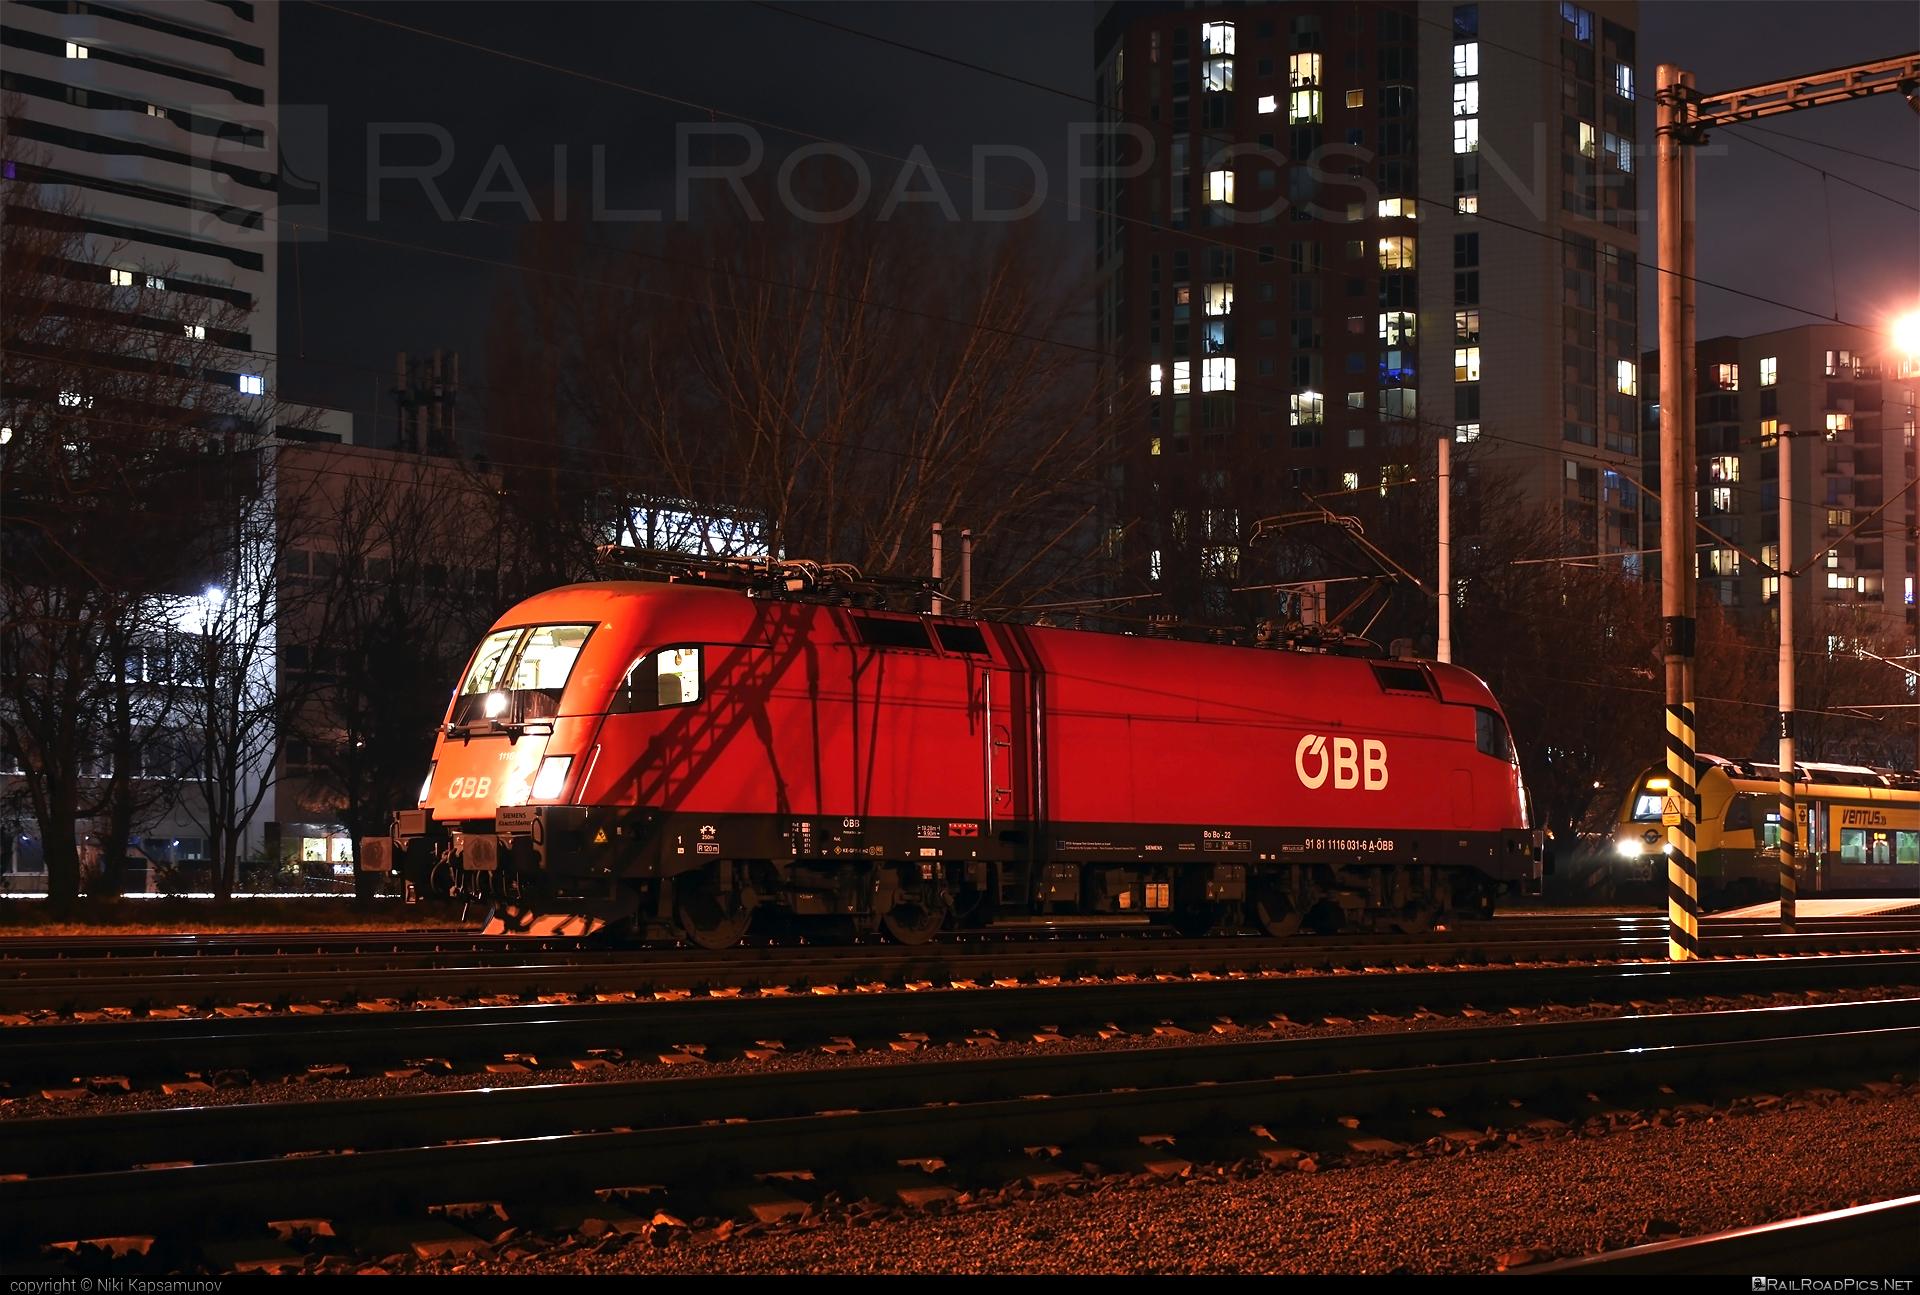 Siemens ES 64 U2 - 1116 031 operated by Rail Cargo Austria AG #es64 #es64u #es64u2 #eurosprinter #obb #osterreichischebundesbahnen #rcw #siemens #siemenses64 #siemenses64u #siemenses64u2 #siemenstaurus #taurus #tauruslocomotive